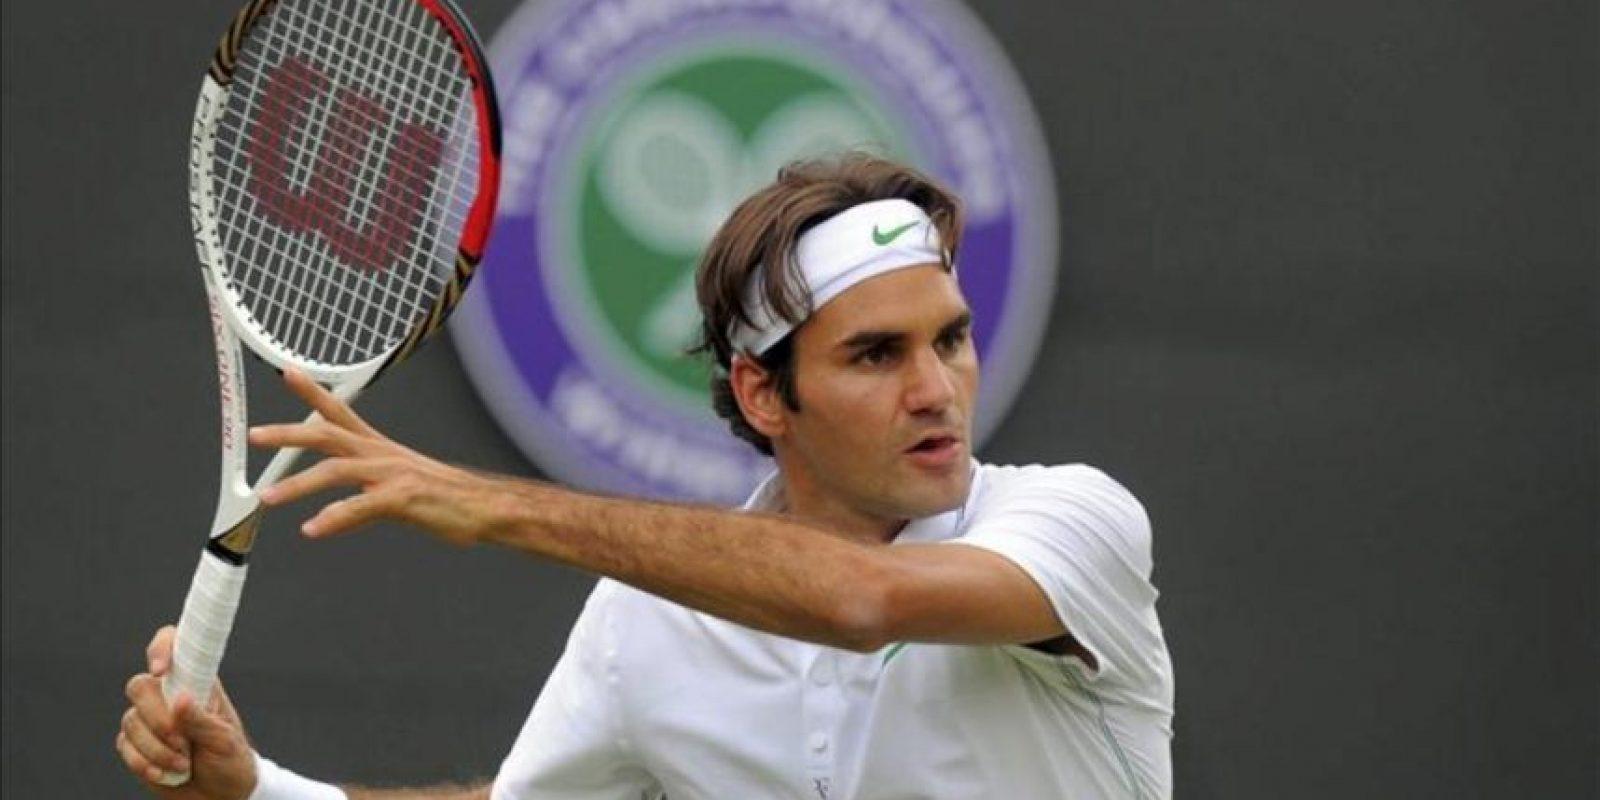 El tenista suizo Roger Federer devuelve la pelota al español Albert Ramos durante su partido de primera ronda del torneo de Wimbledon. EFE